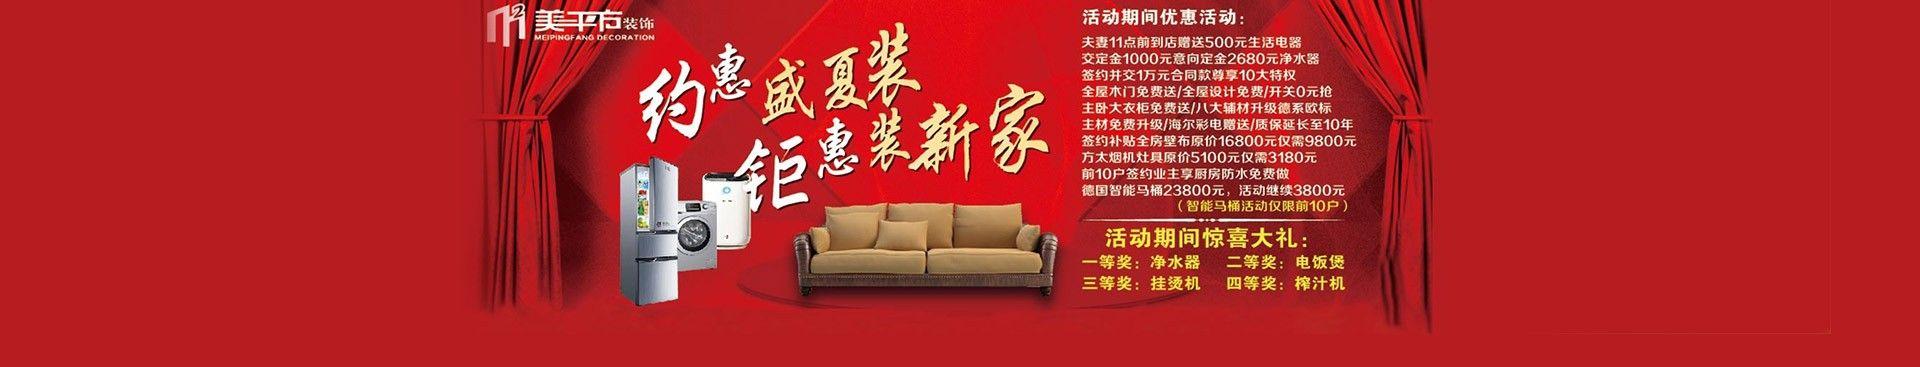 西宁美平方装饰分站首页Banner